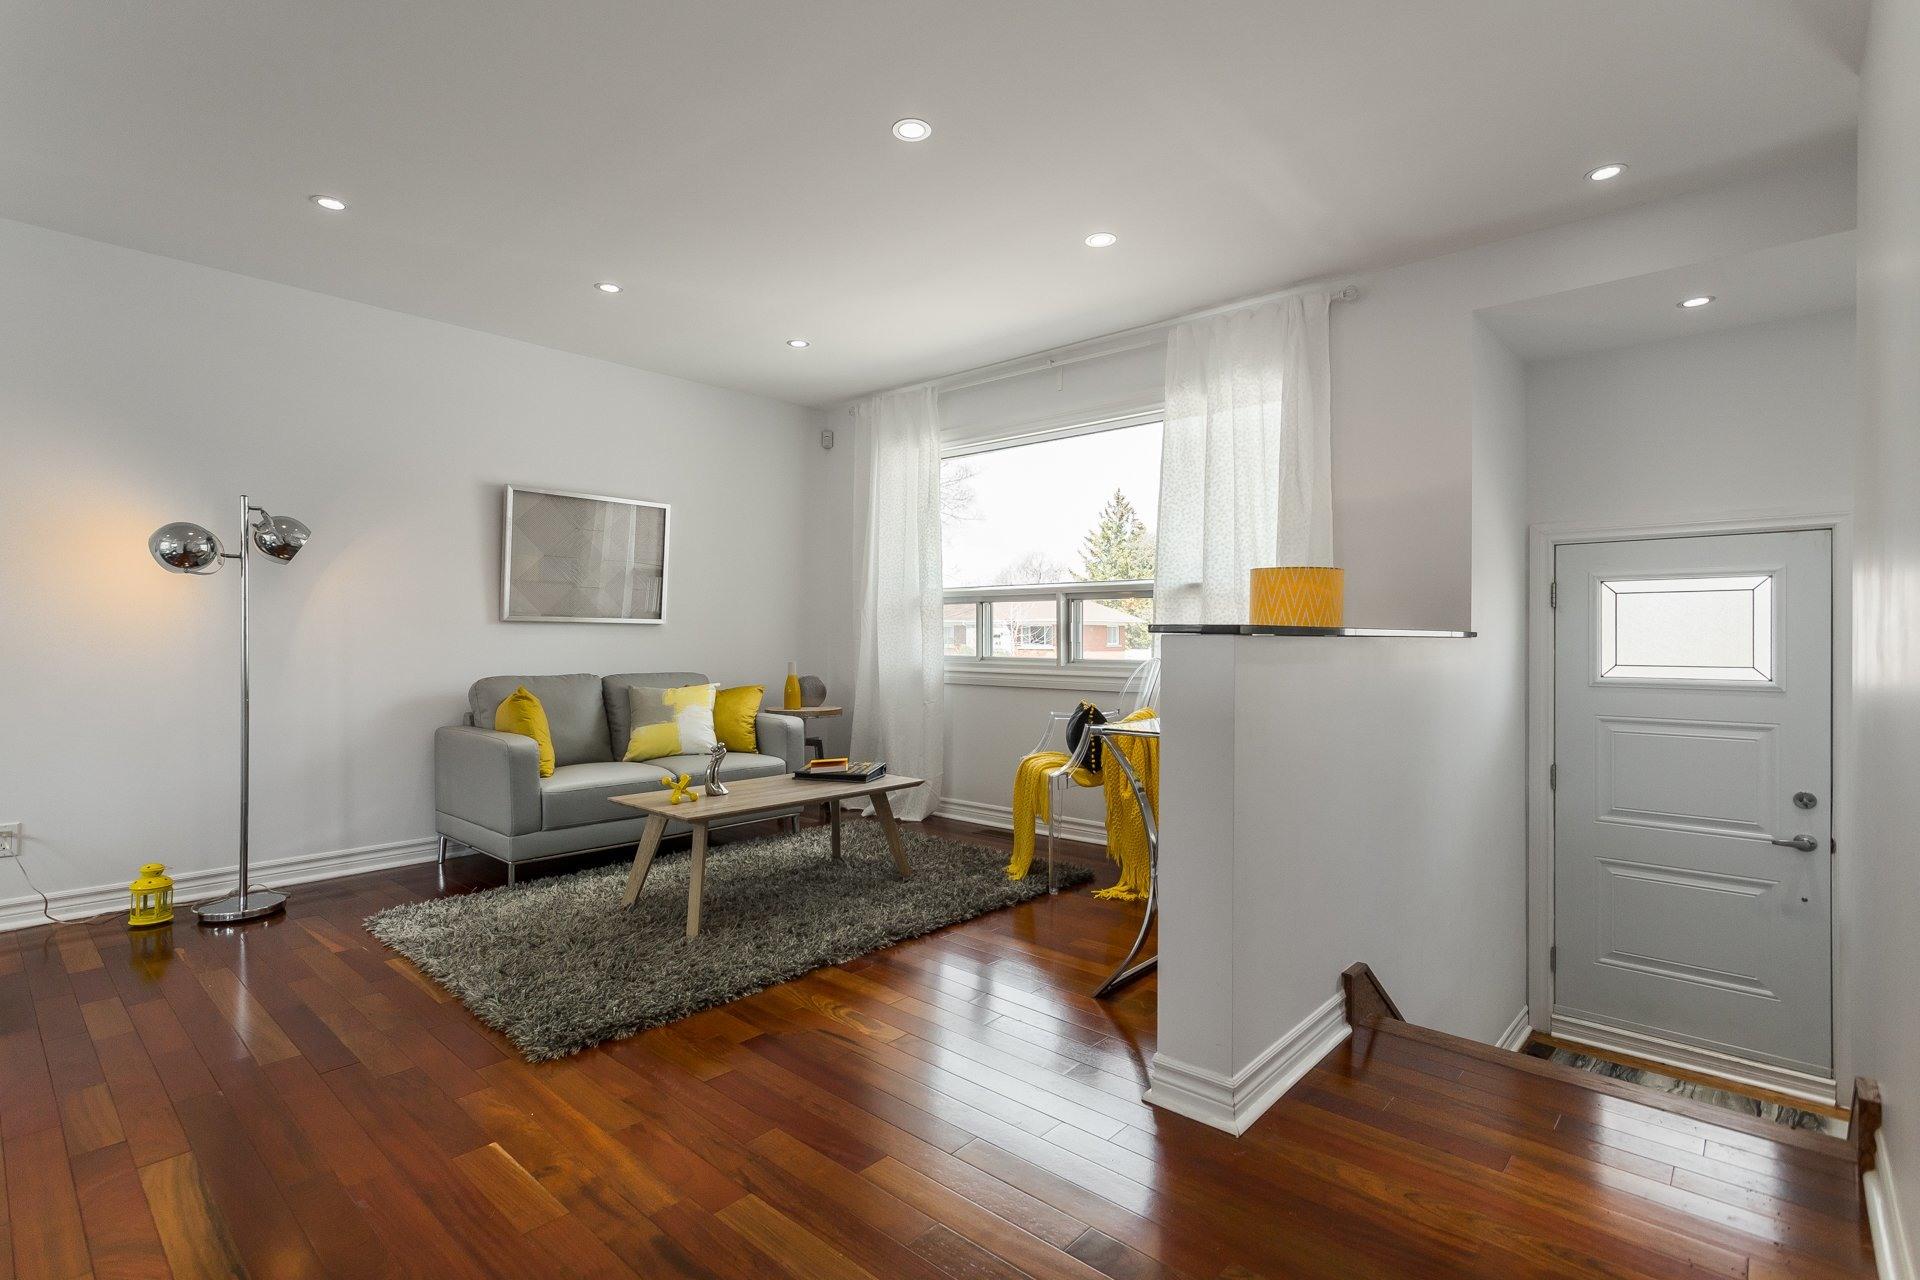 image 2 - House For sale Montréal Rosemont/La Petite-Patrie  - 6 rooms